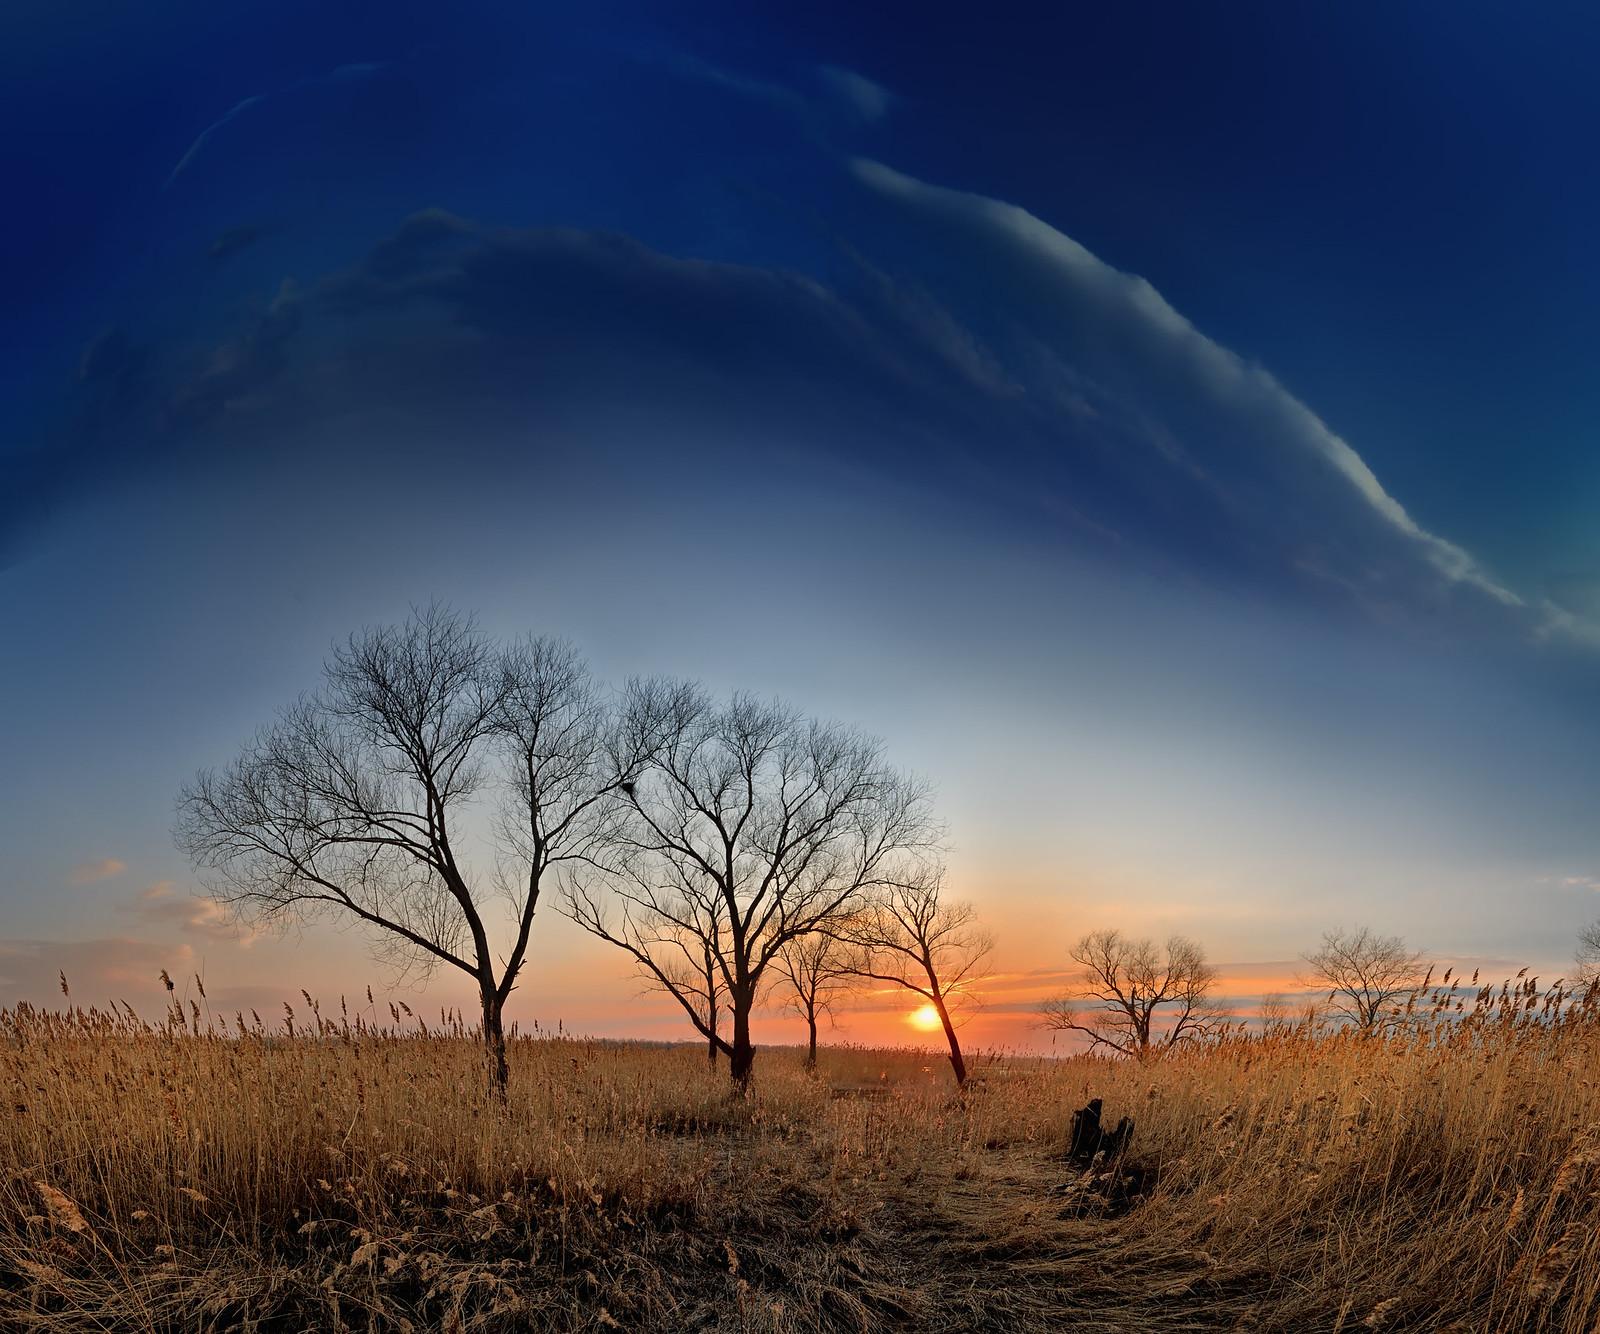 Апрельский закат в средней полосе России - фотограф Челябинск